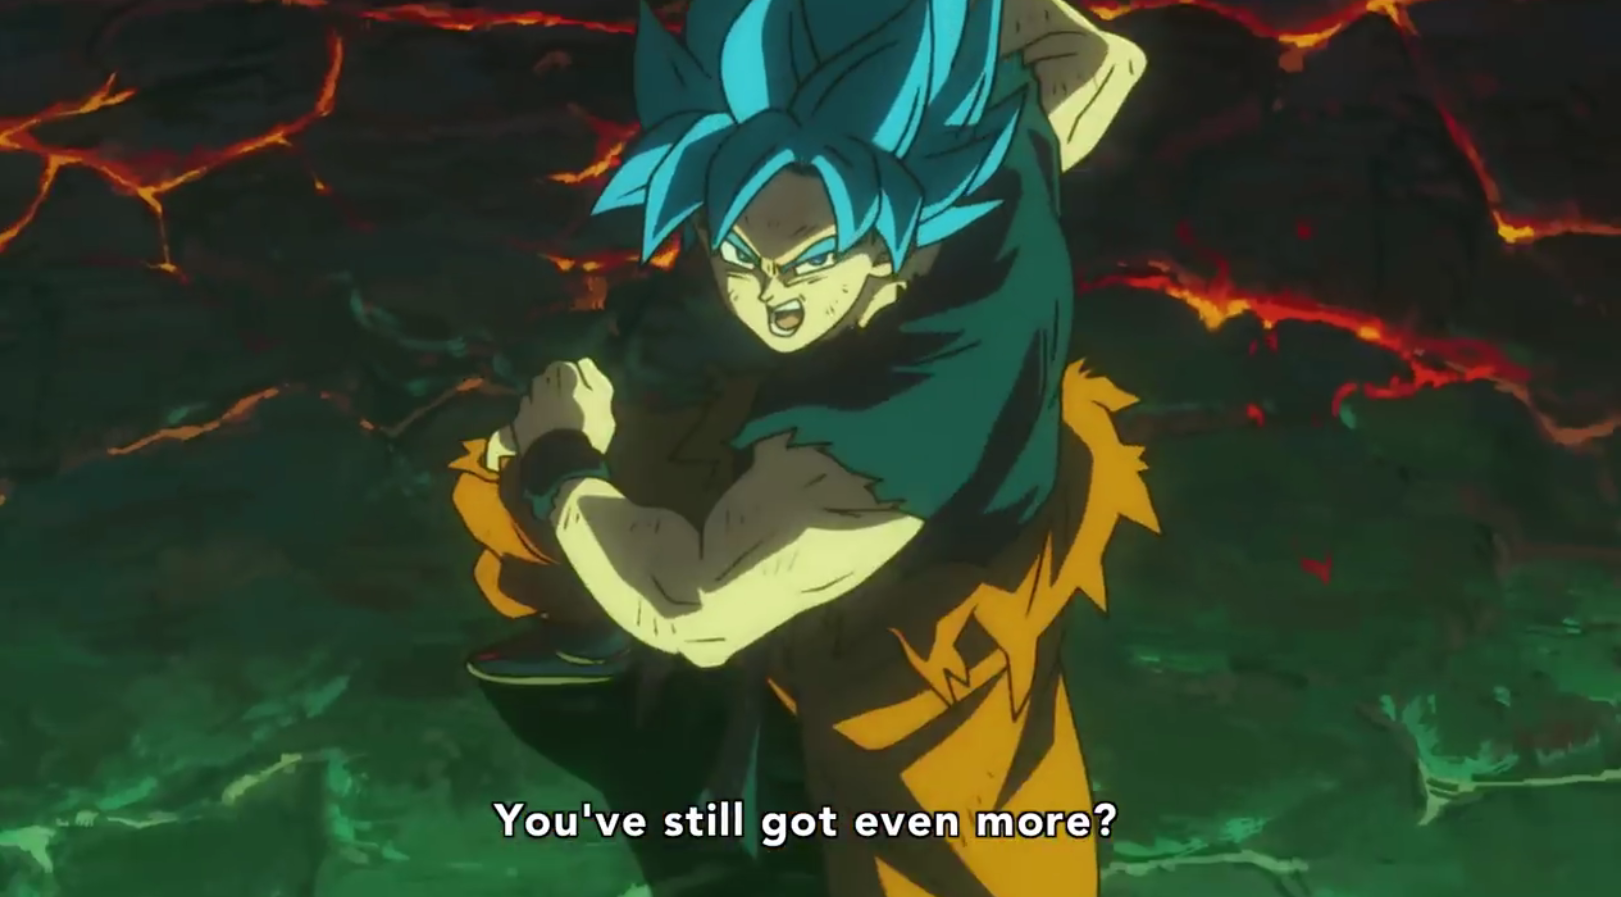 Goku Para Colorear Pintar E Imprimir: Goku Super Saiyan Para Colorear